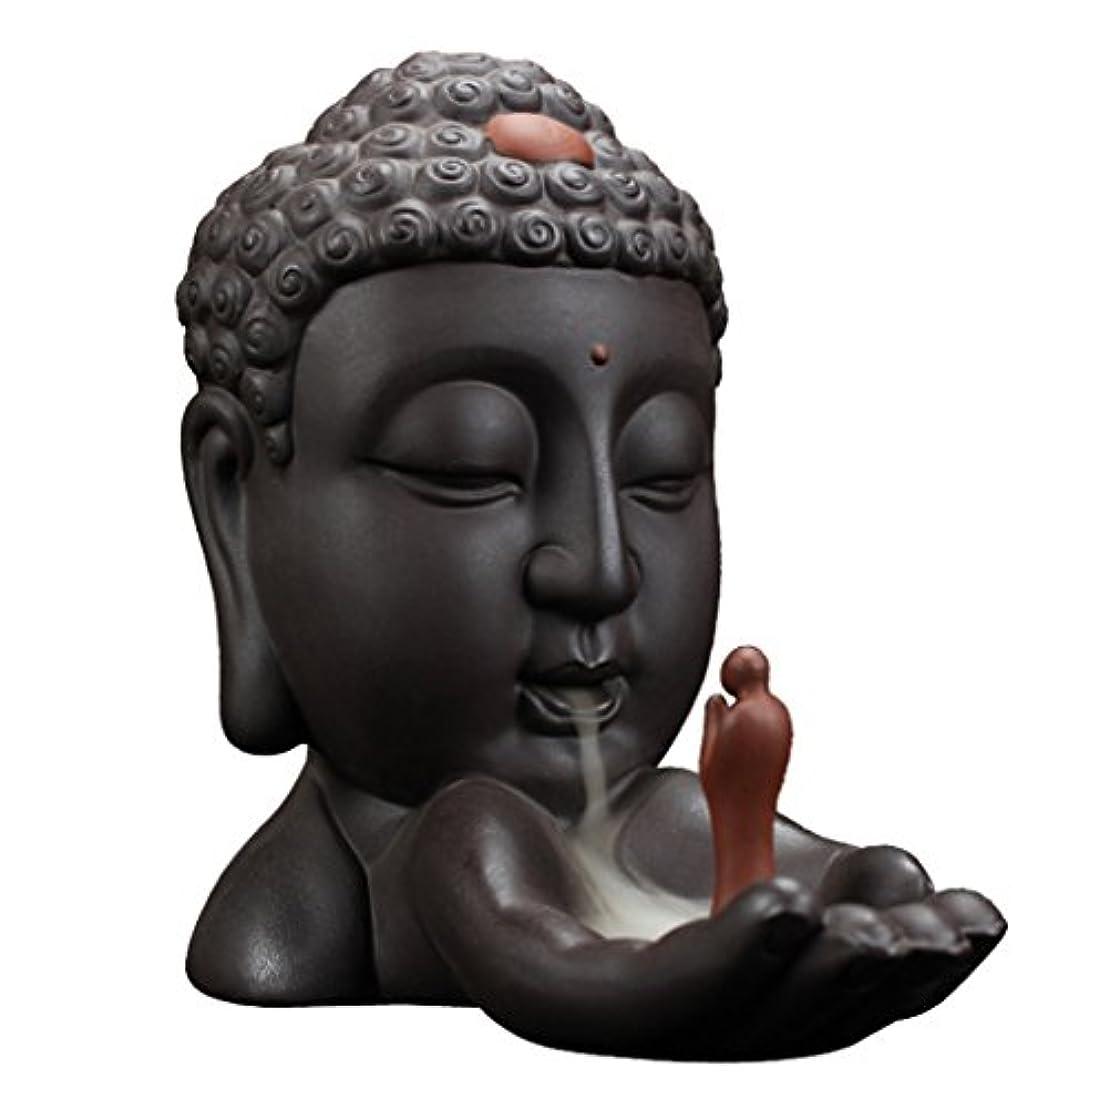 わずかな虹突然Homyl 仏教 香のバーナー セラミック スティック コーン ホルダー 逆流 バーナー 香炉